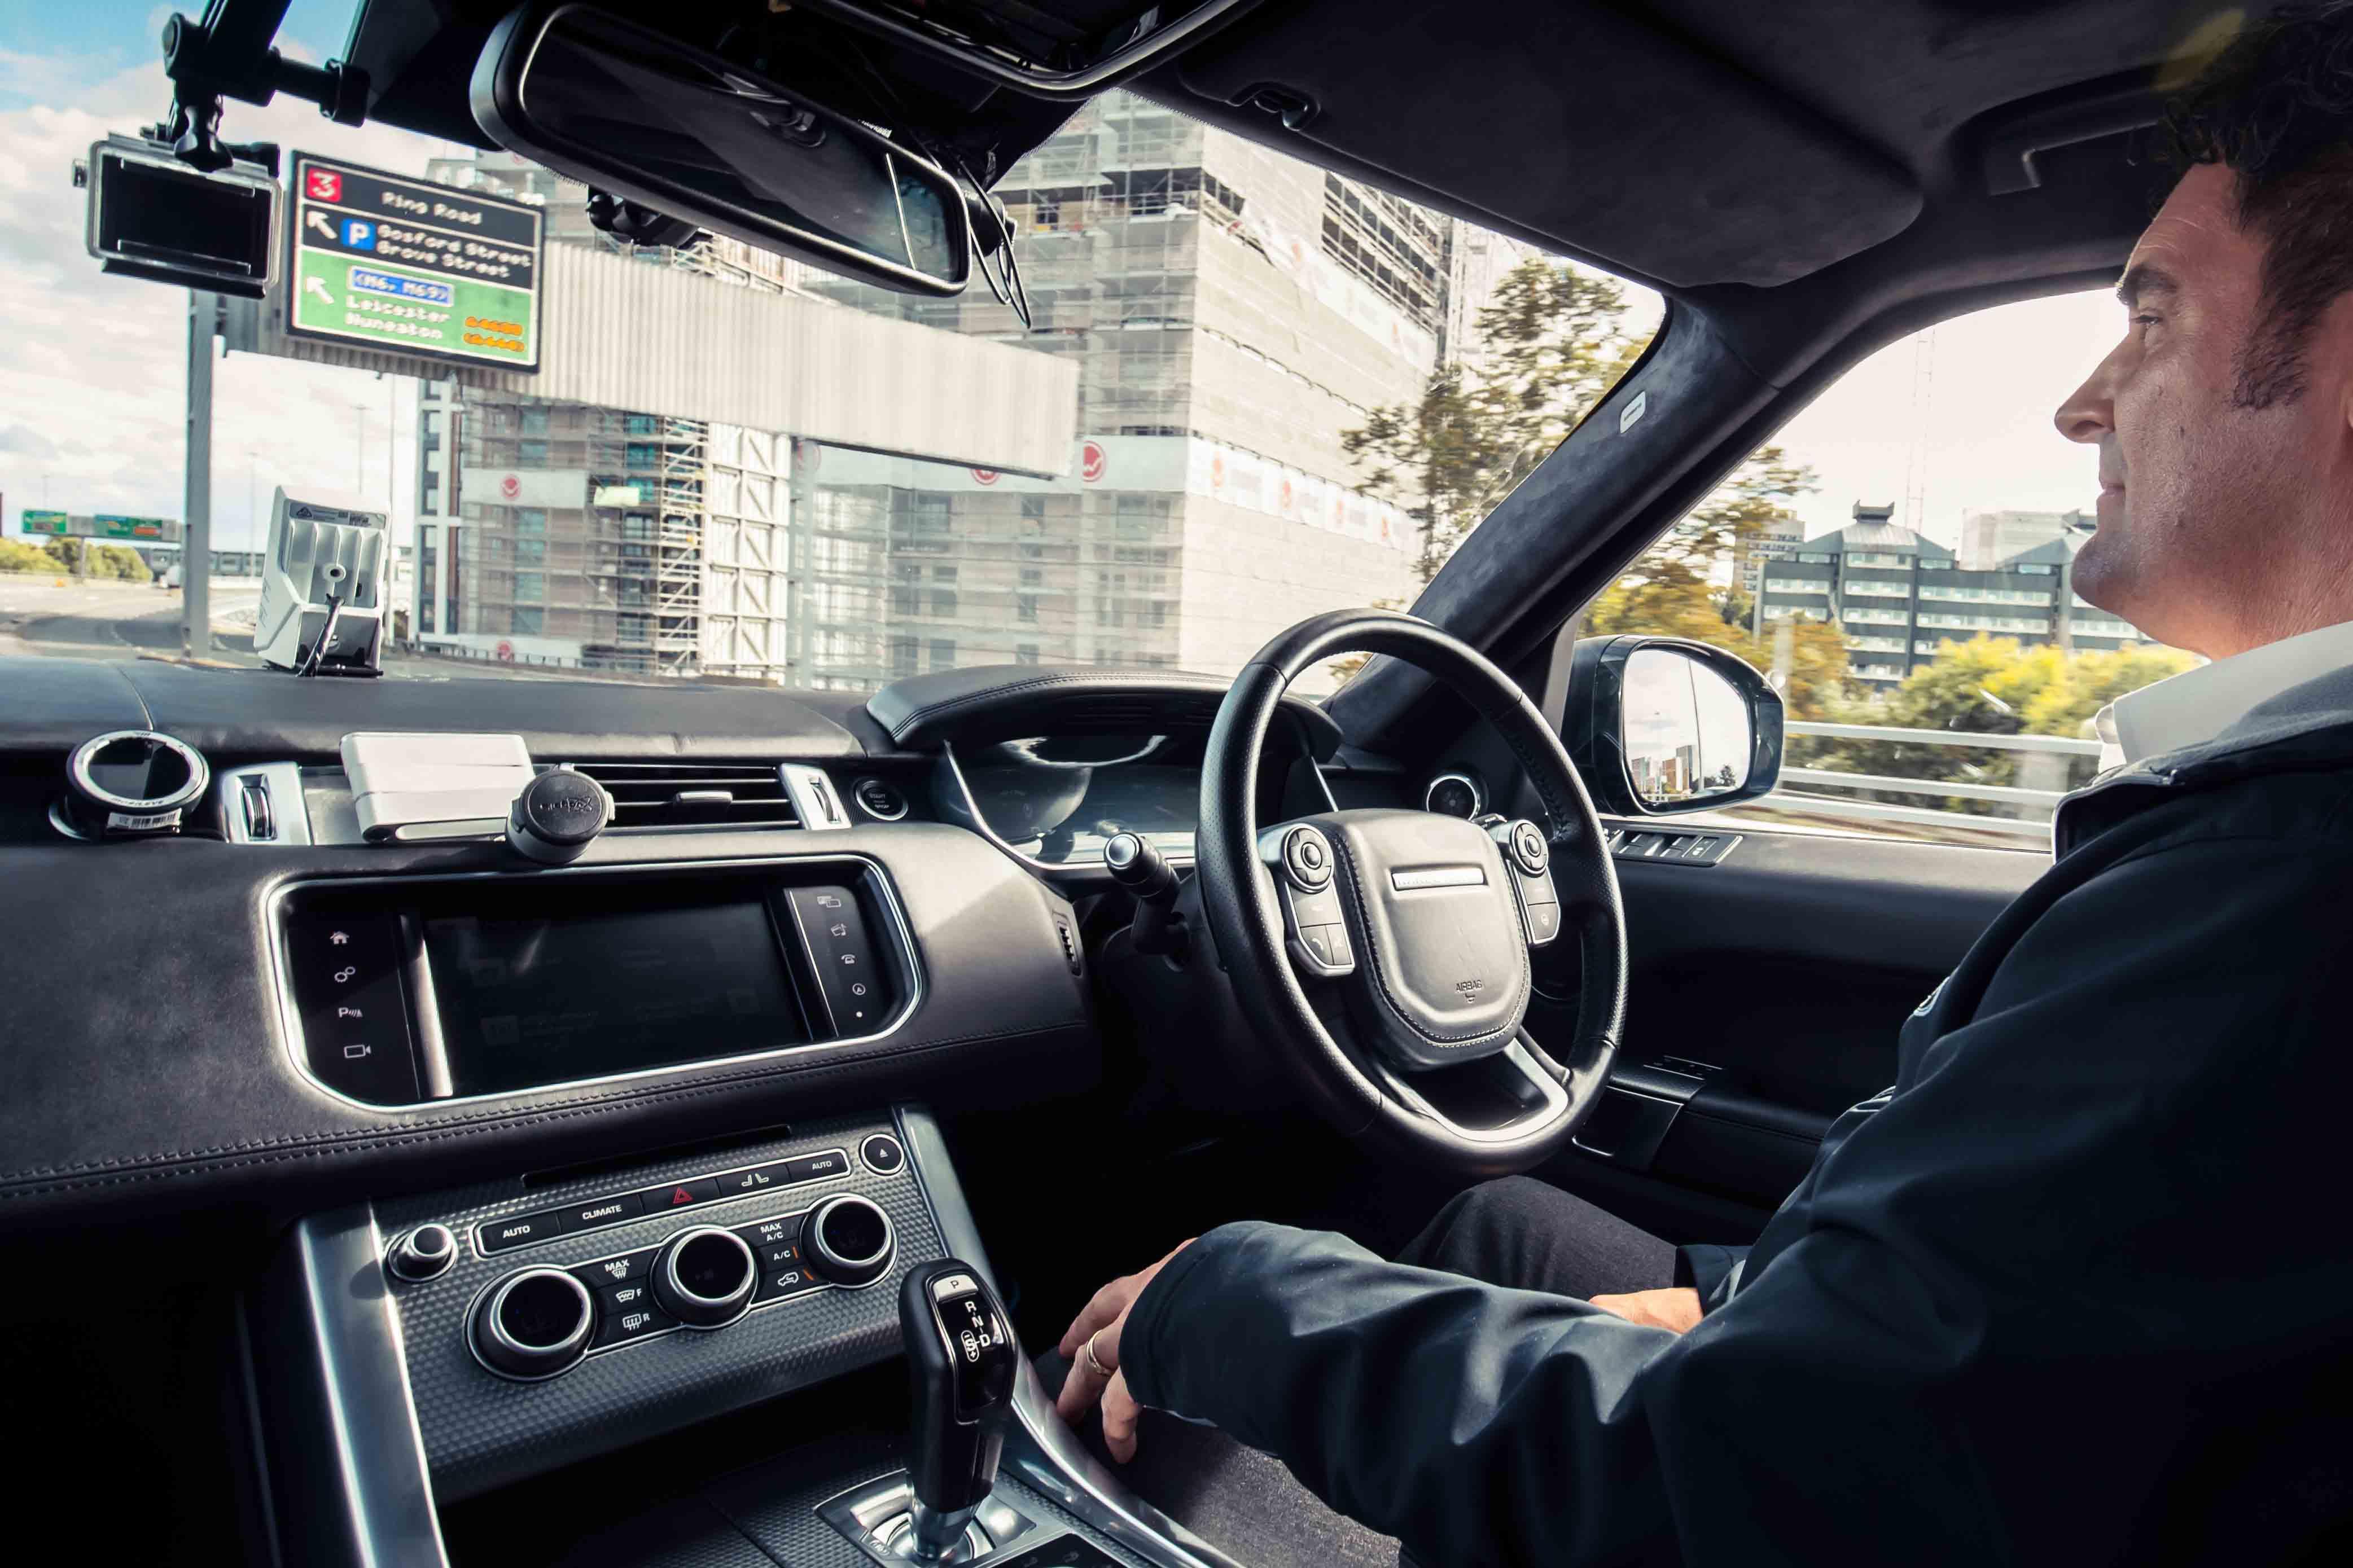 Range Rover Sport autónomo conseguiu rodar numa das zonas mais complicadas do Reino Unido (c/video)